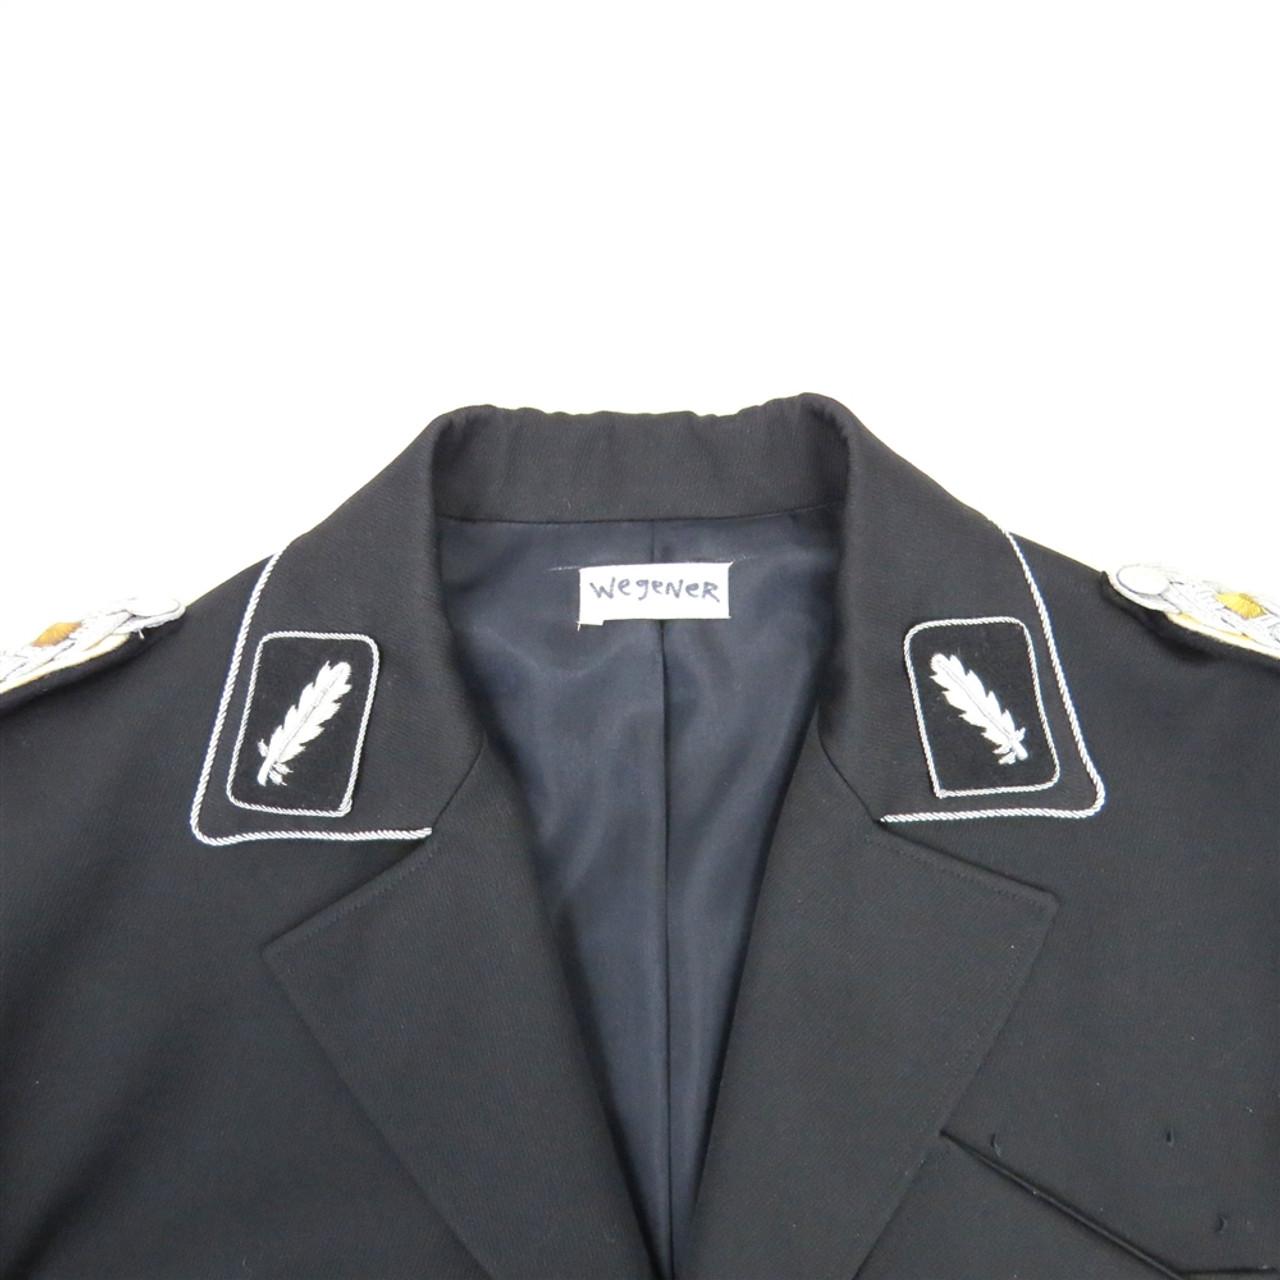 Fictional SS-Sturmbannführer Uniform From Major TV Series from Hessen Antique